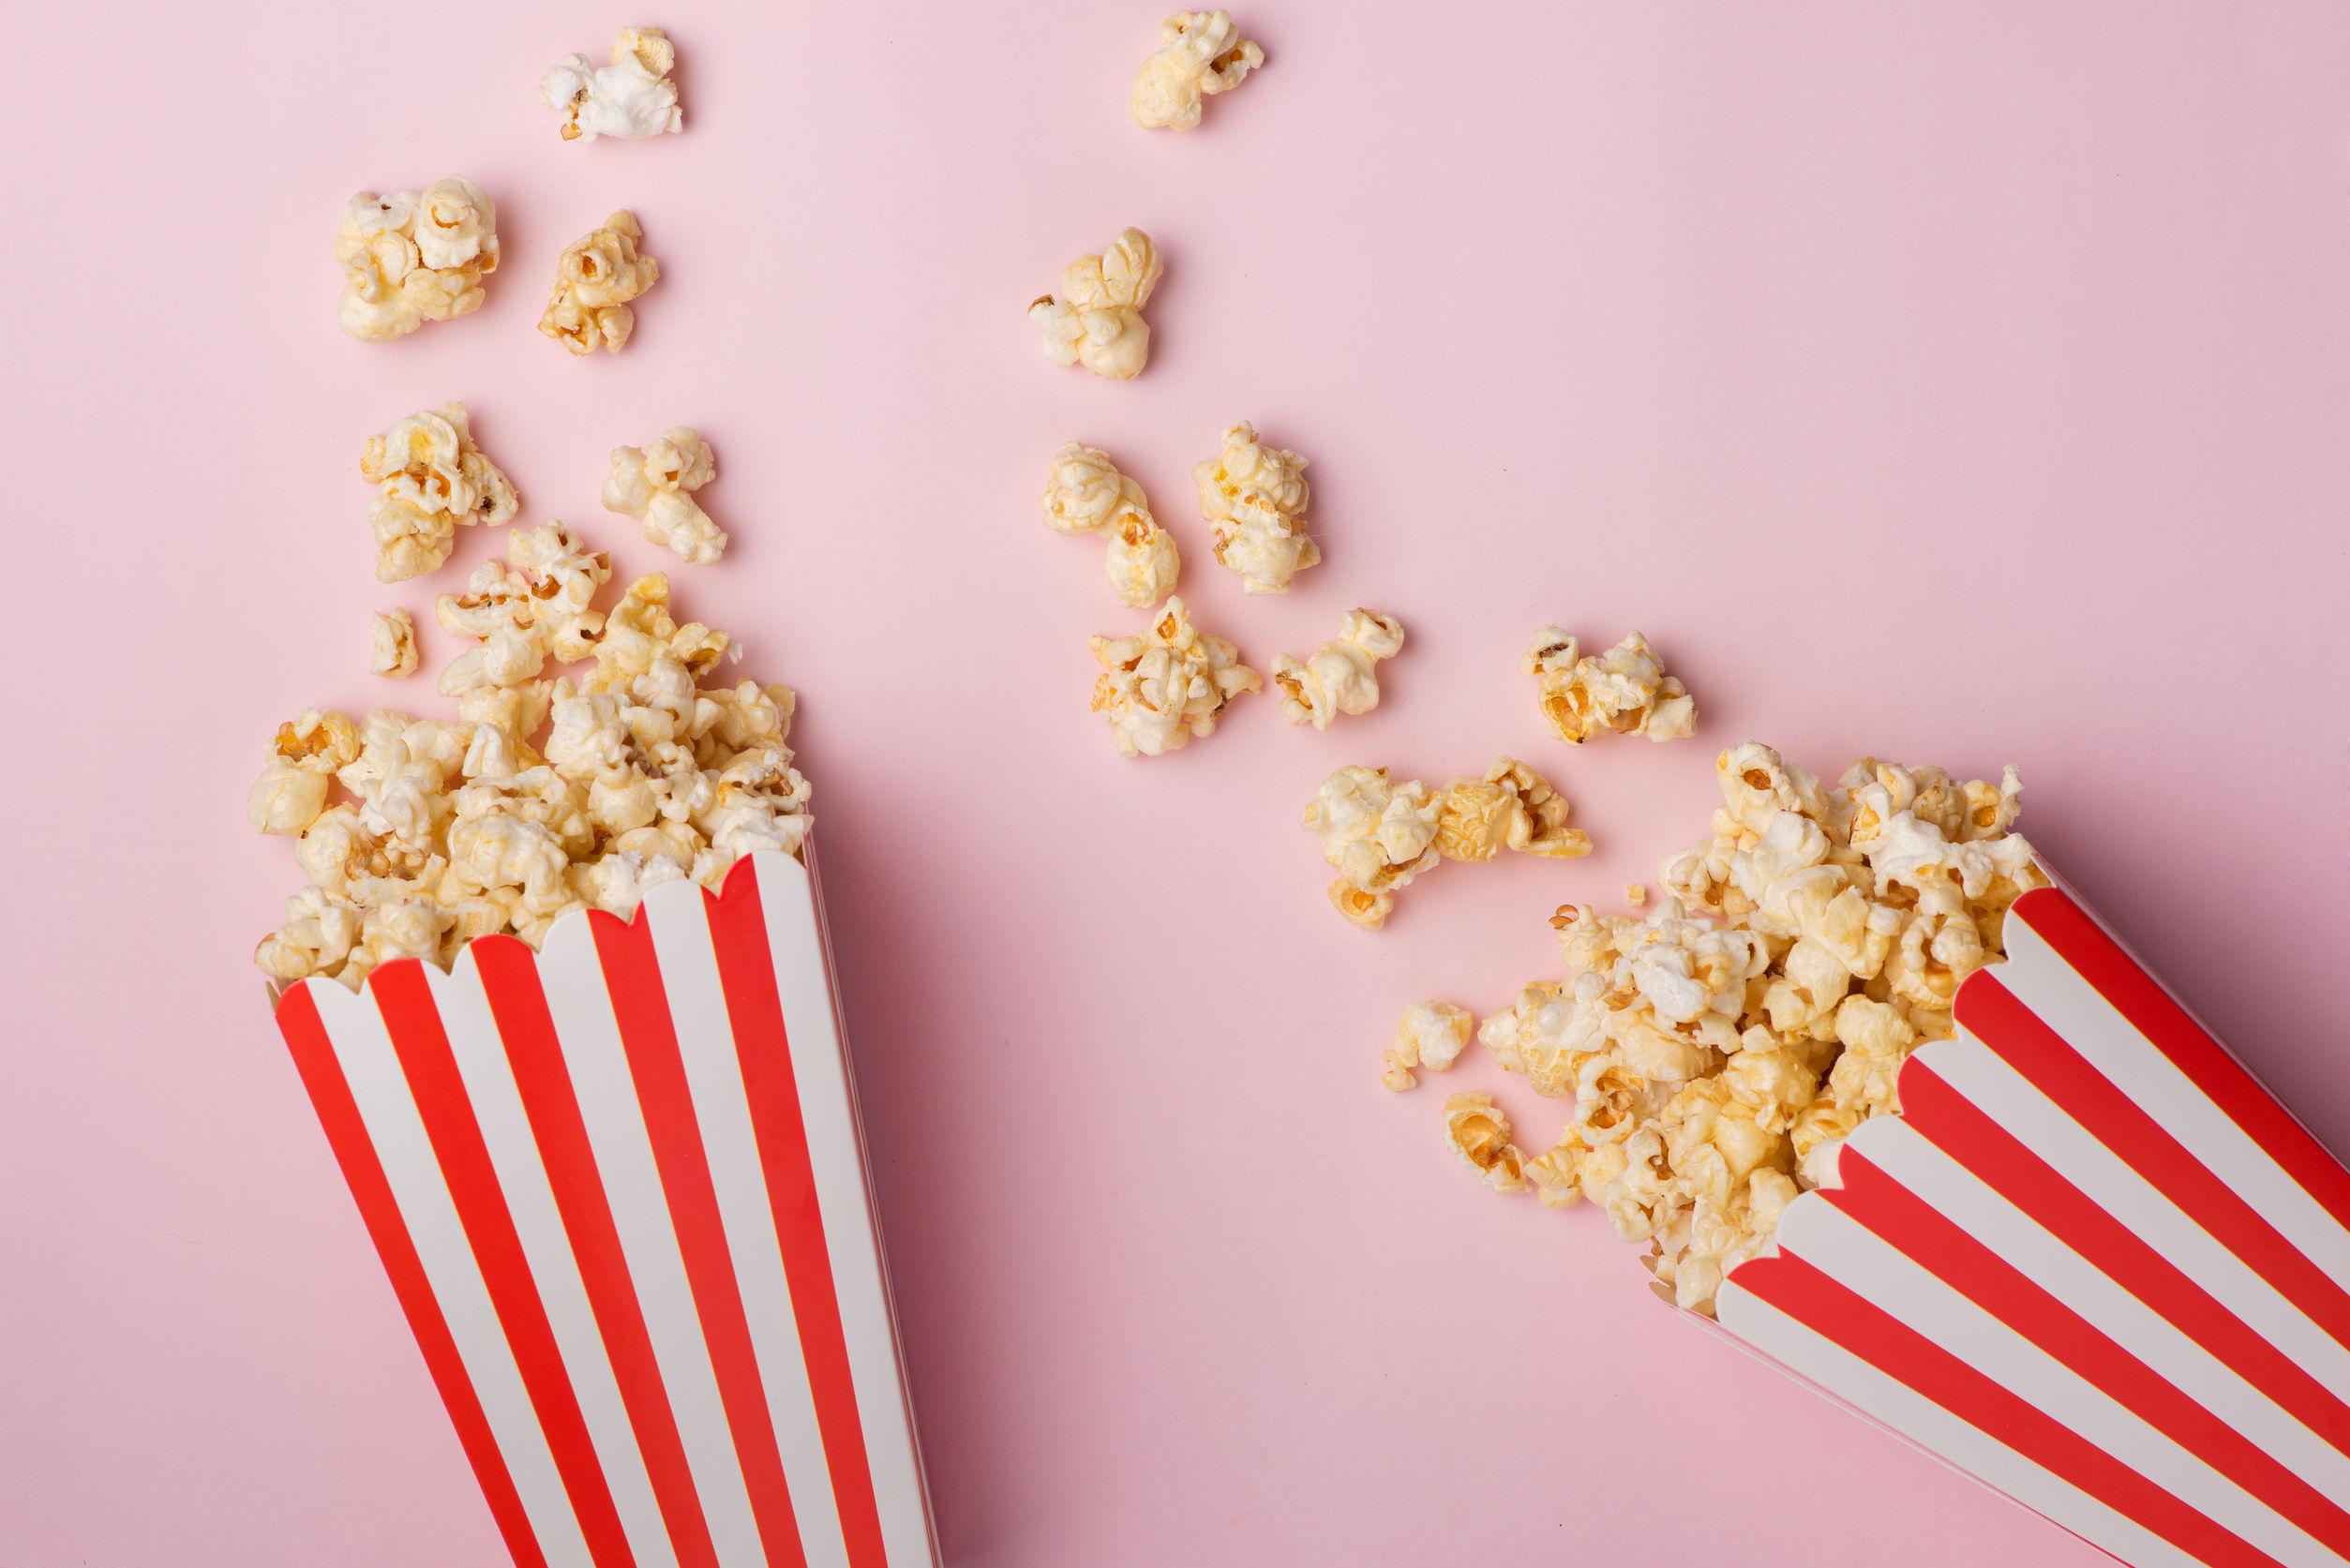 Miglior macchina per popcorn 2020: Guida all'acquisto